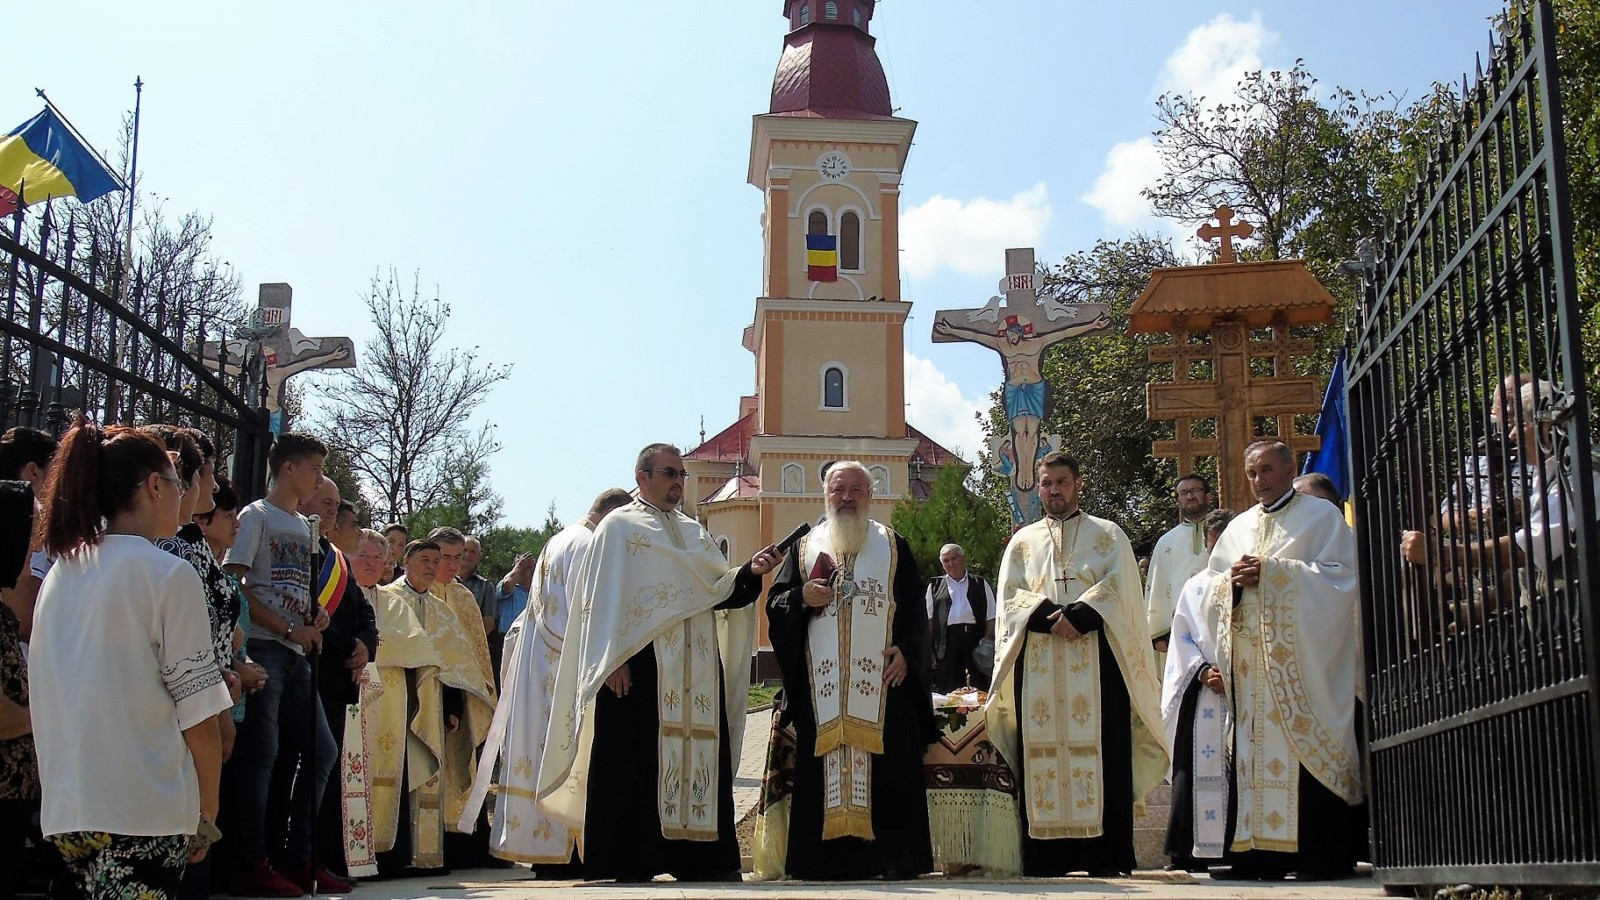 Înaltpreasfințitul Părinte Arhiepiscop și Mitropolit Andrei, prezent în parohia Feldioara, protopopiatul Gherla, la 36 de ani după vizita unui episcop